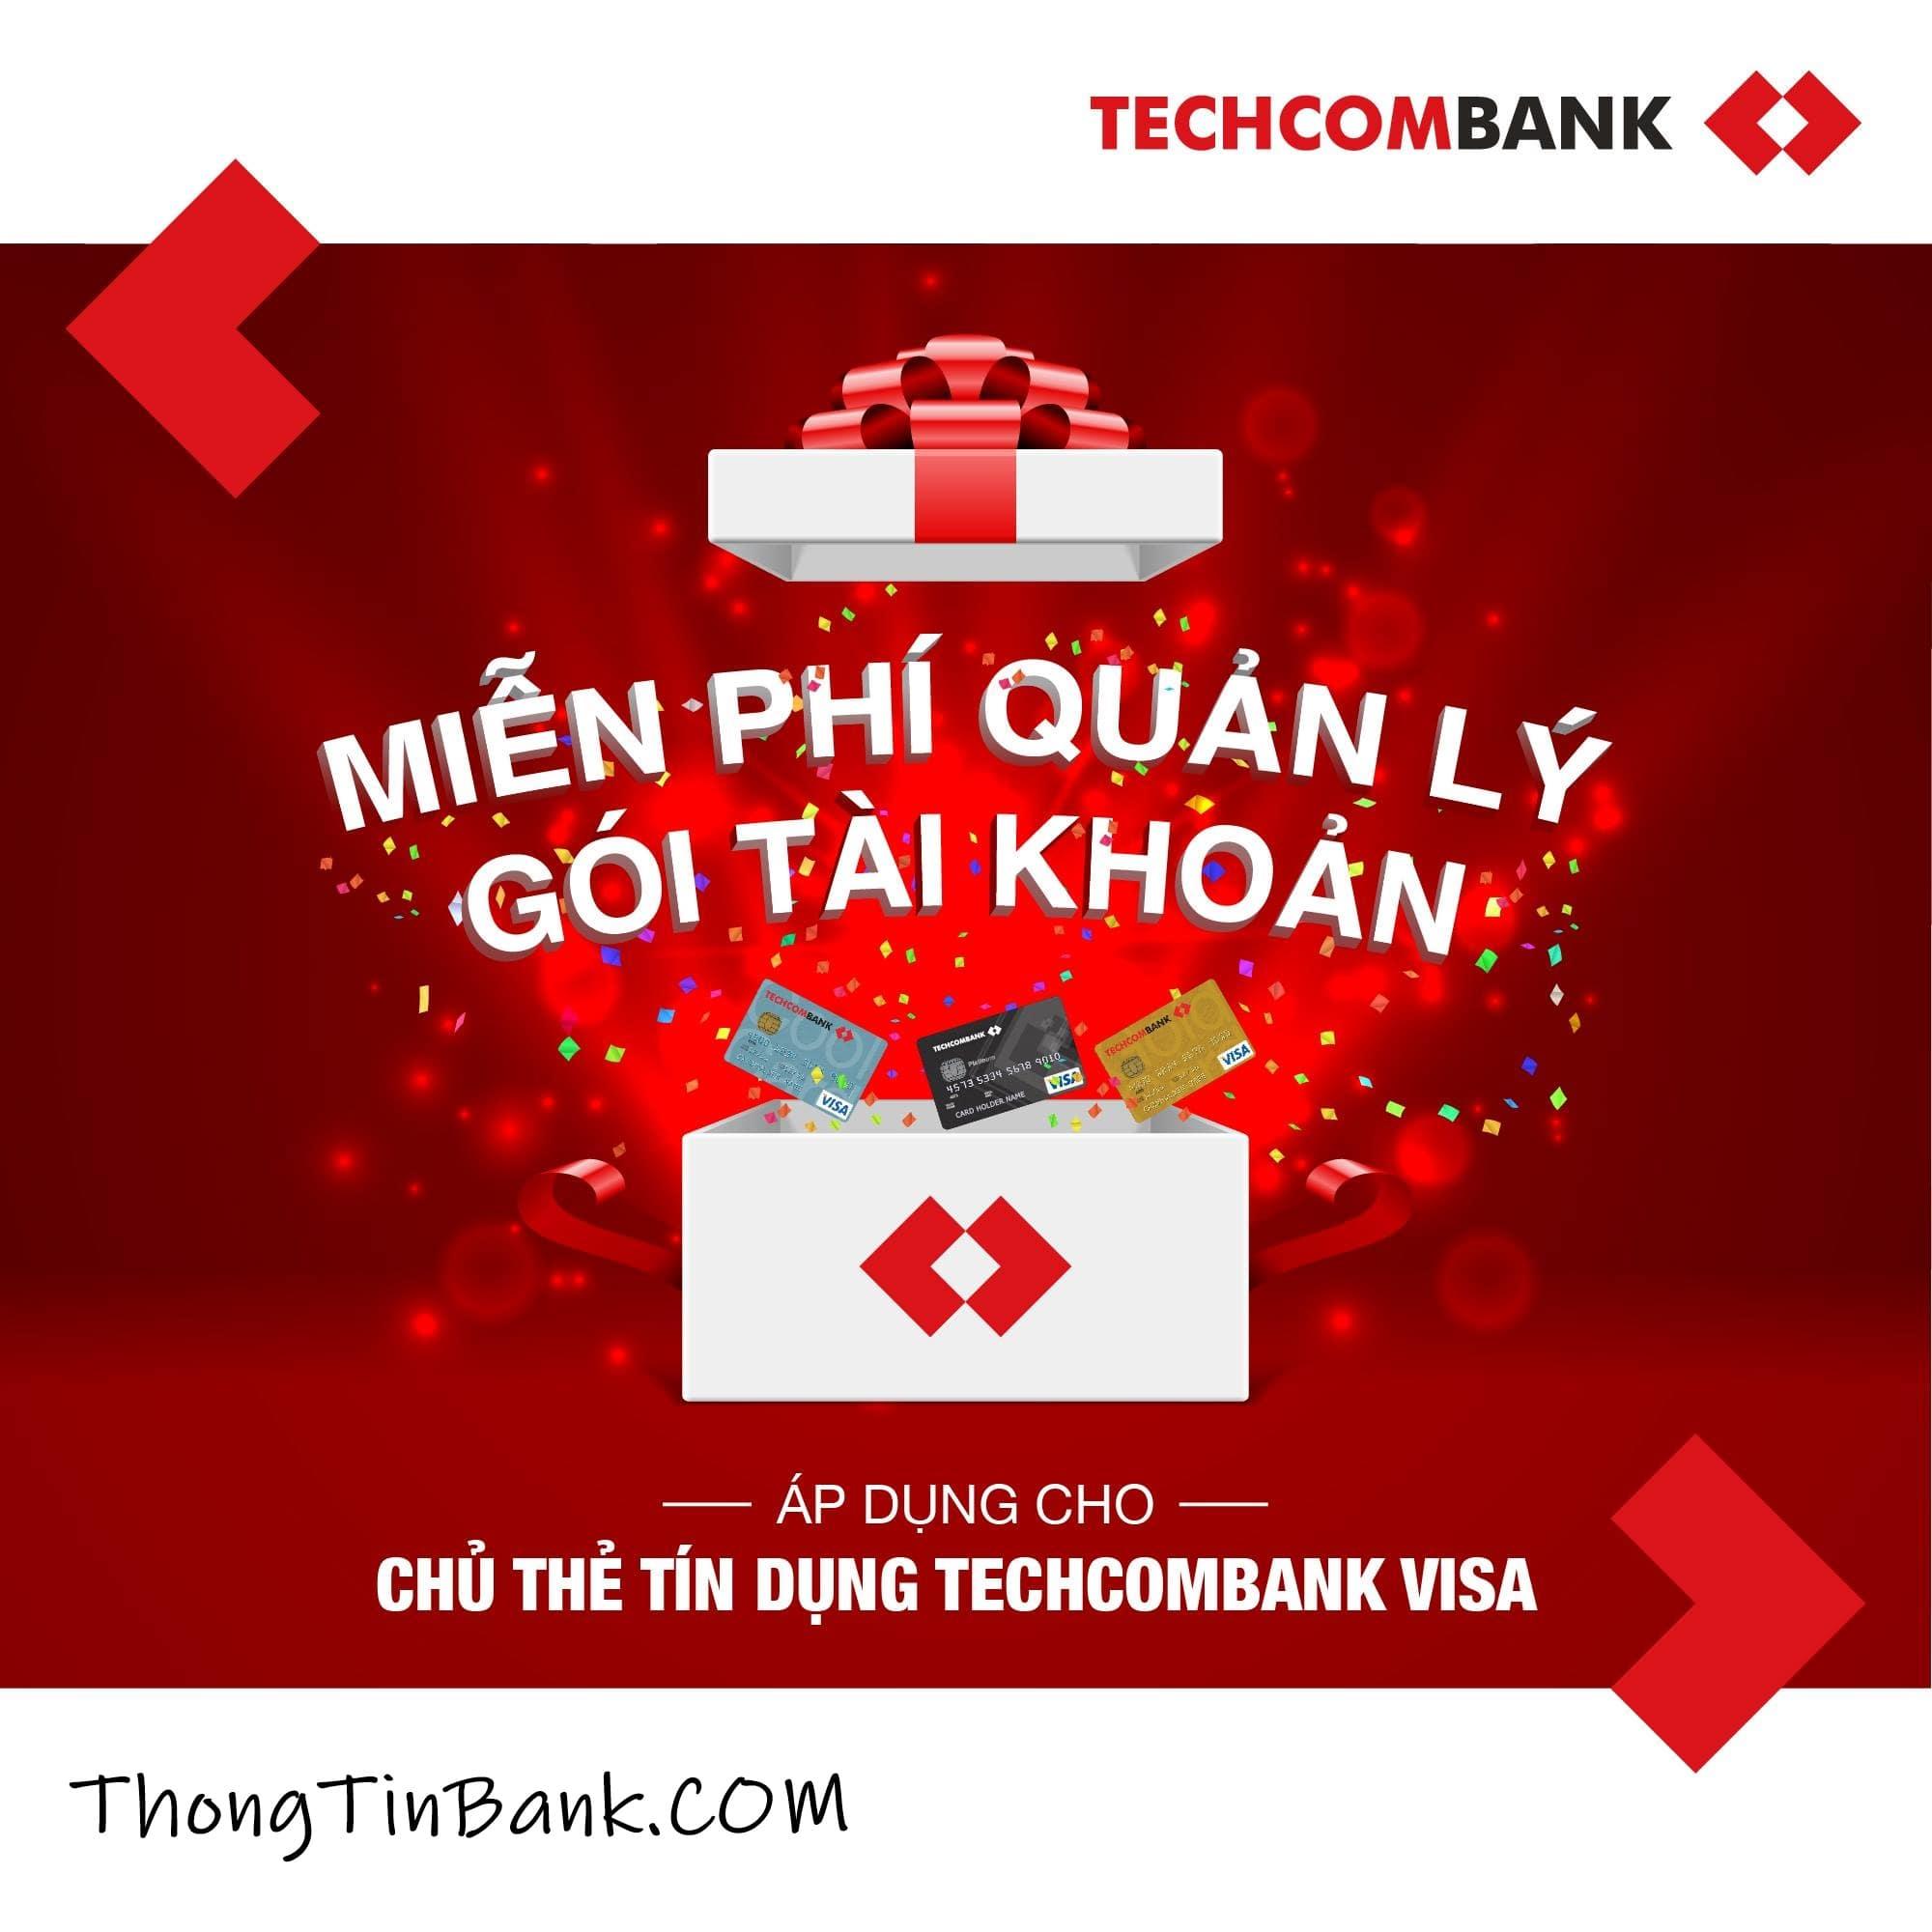 Phí quản lý tài khoản Techcombank